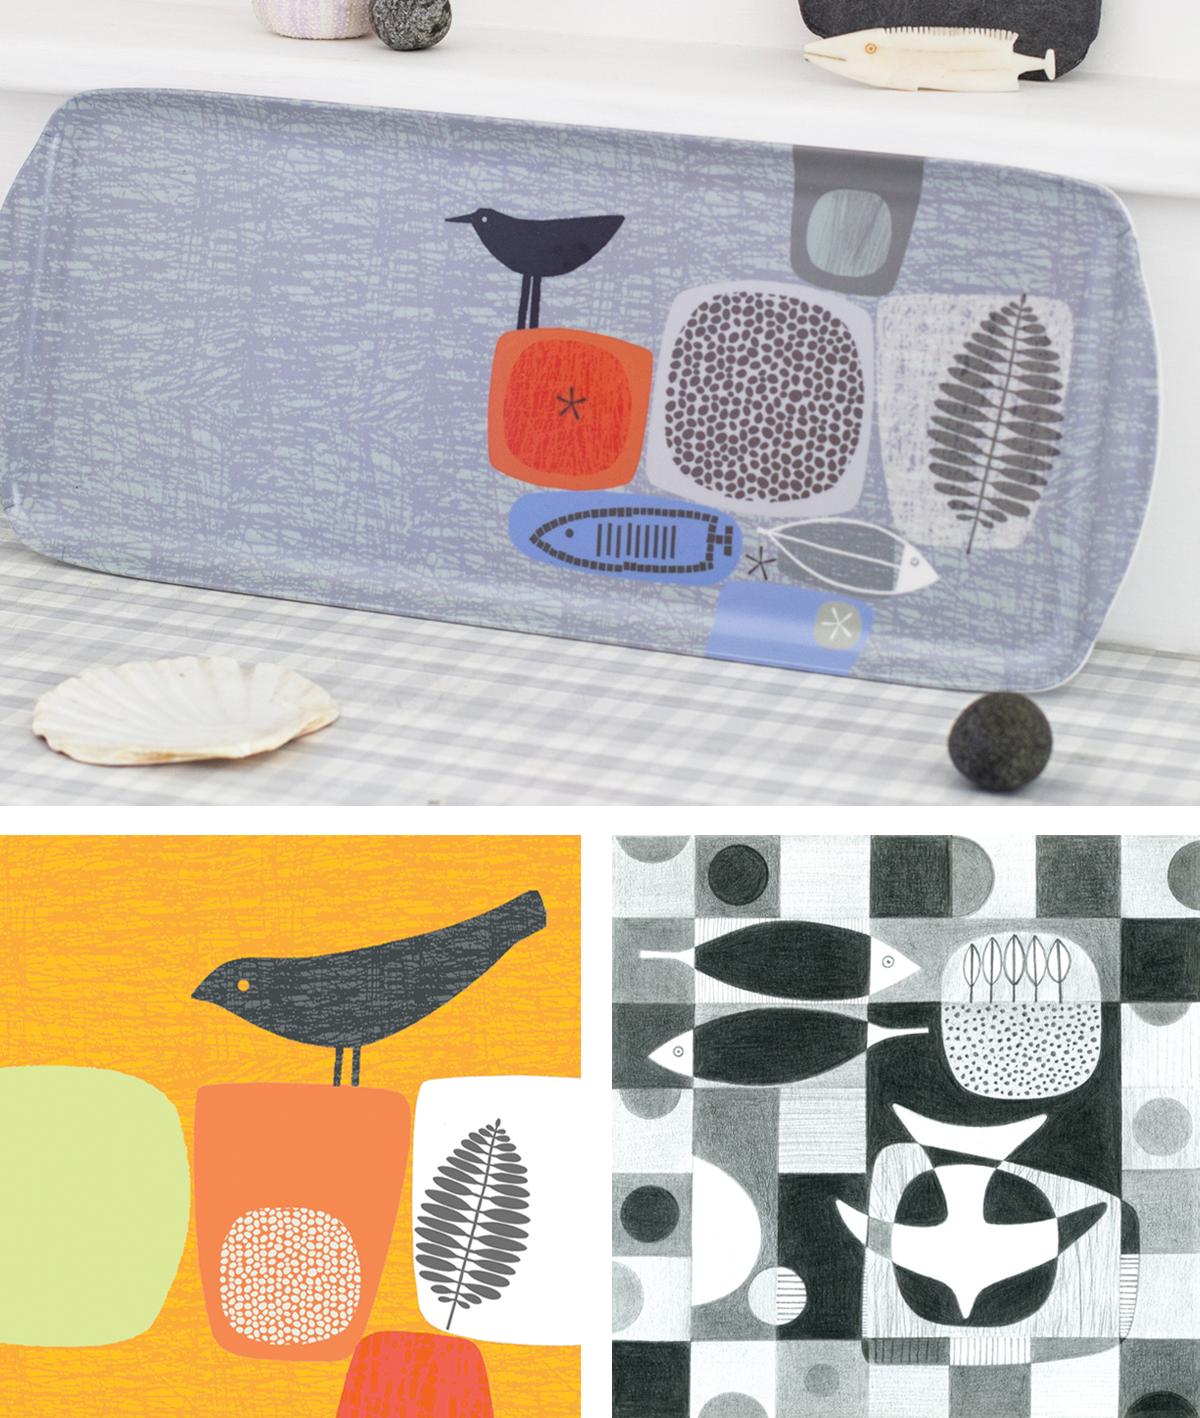 tray and prints by sarah hamilton